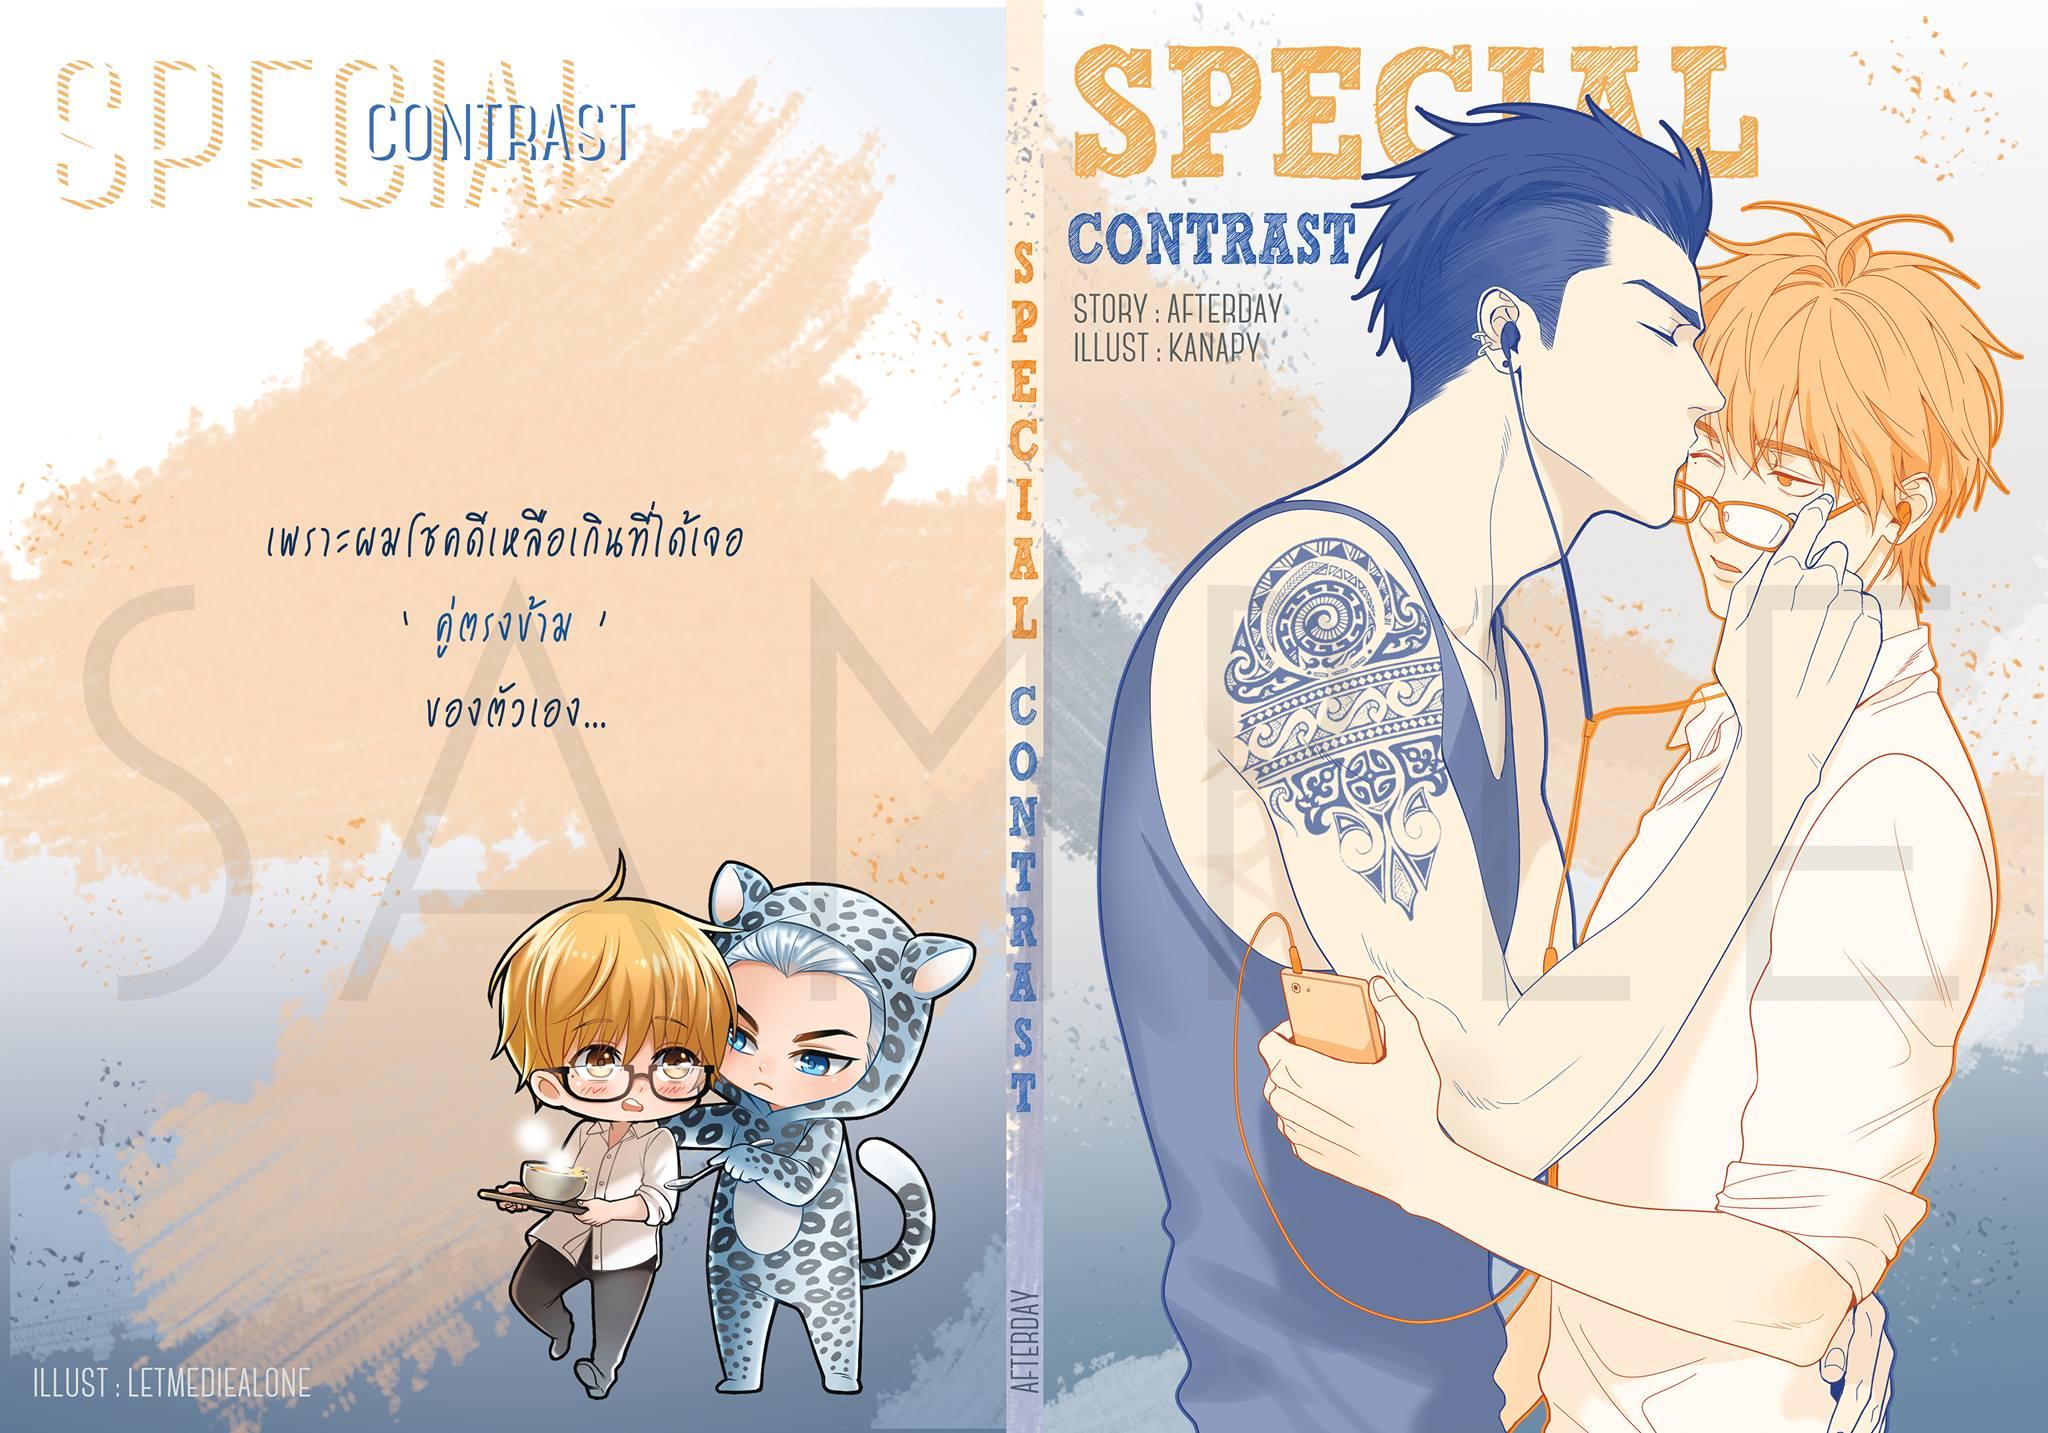 Special Contrast By Afterday (เล่มพิเศษของคู่ตรงข้าม) มัดจำ 180 ค่าเช่า 30b.